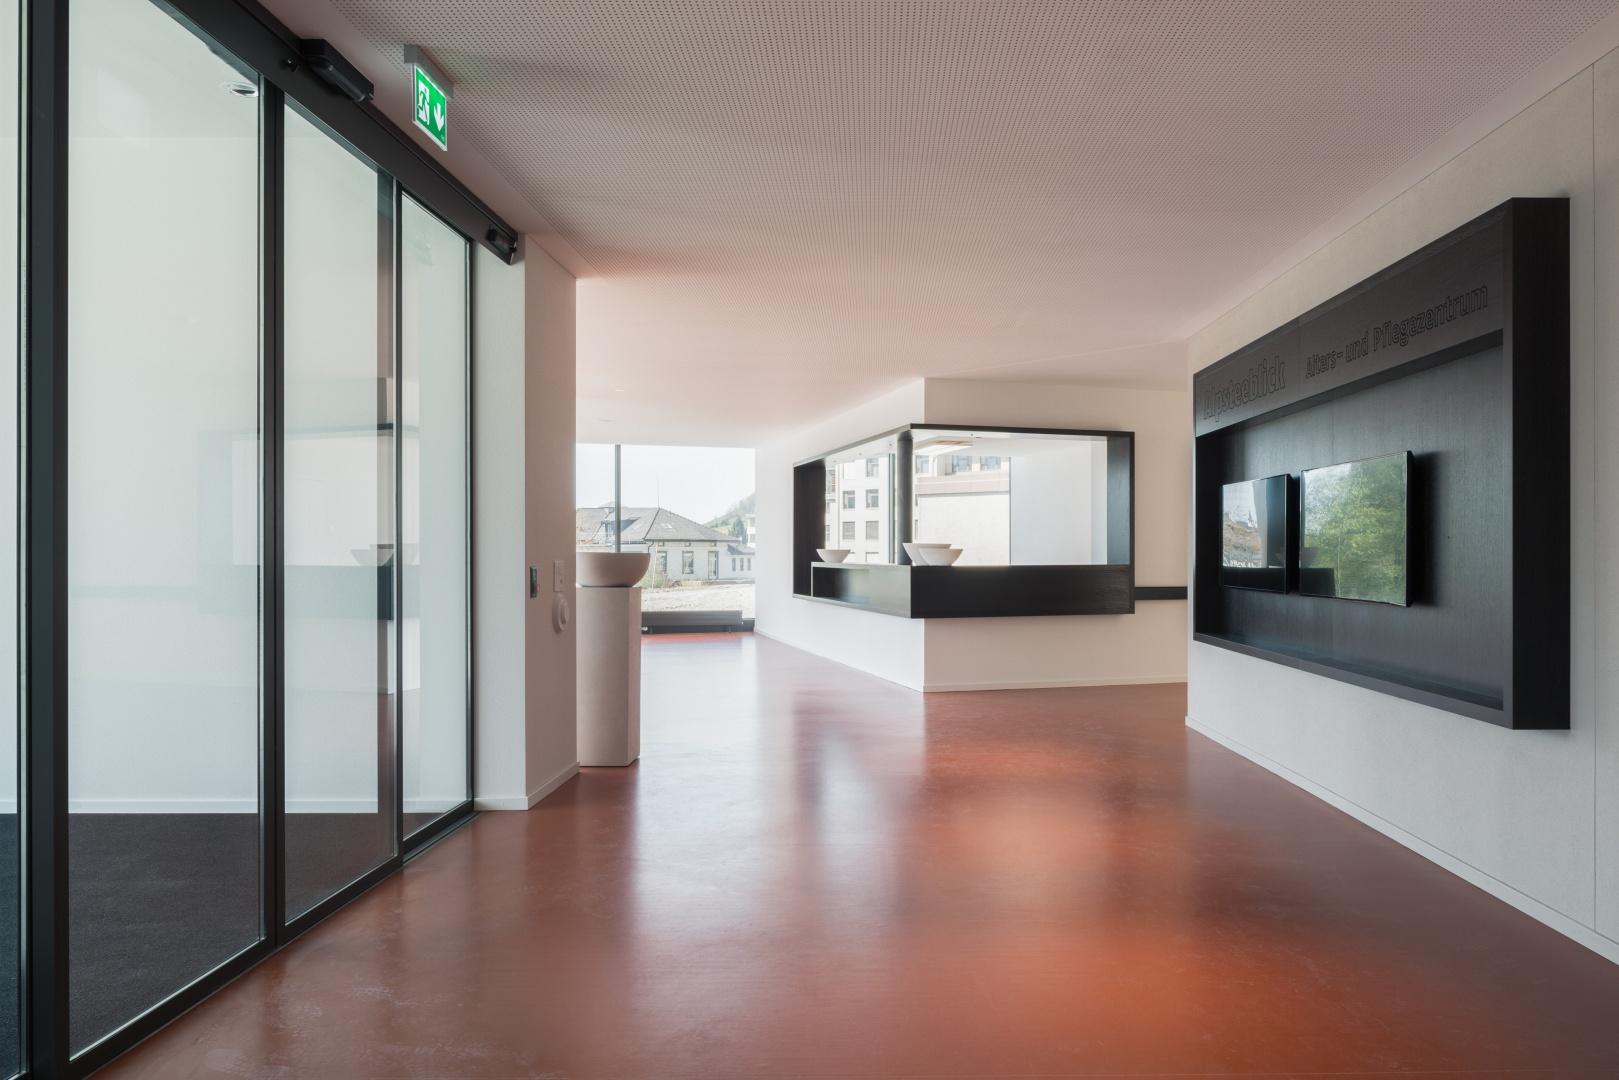 Eingangsbereich © Dominique Marc Wehrli, La Chaux-de-Fonds